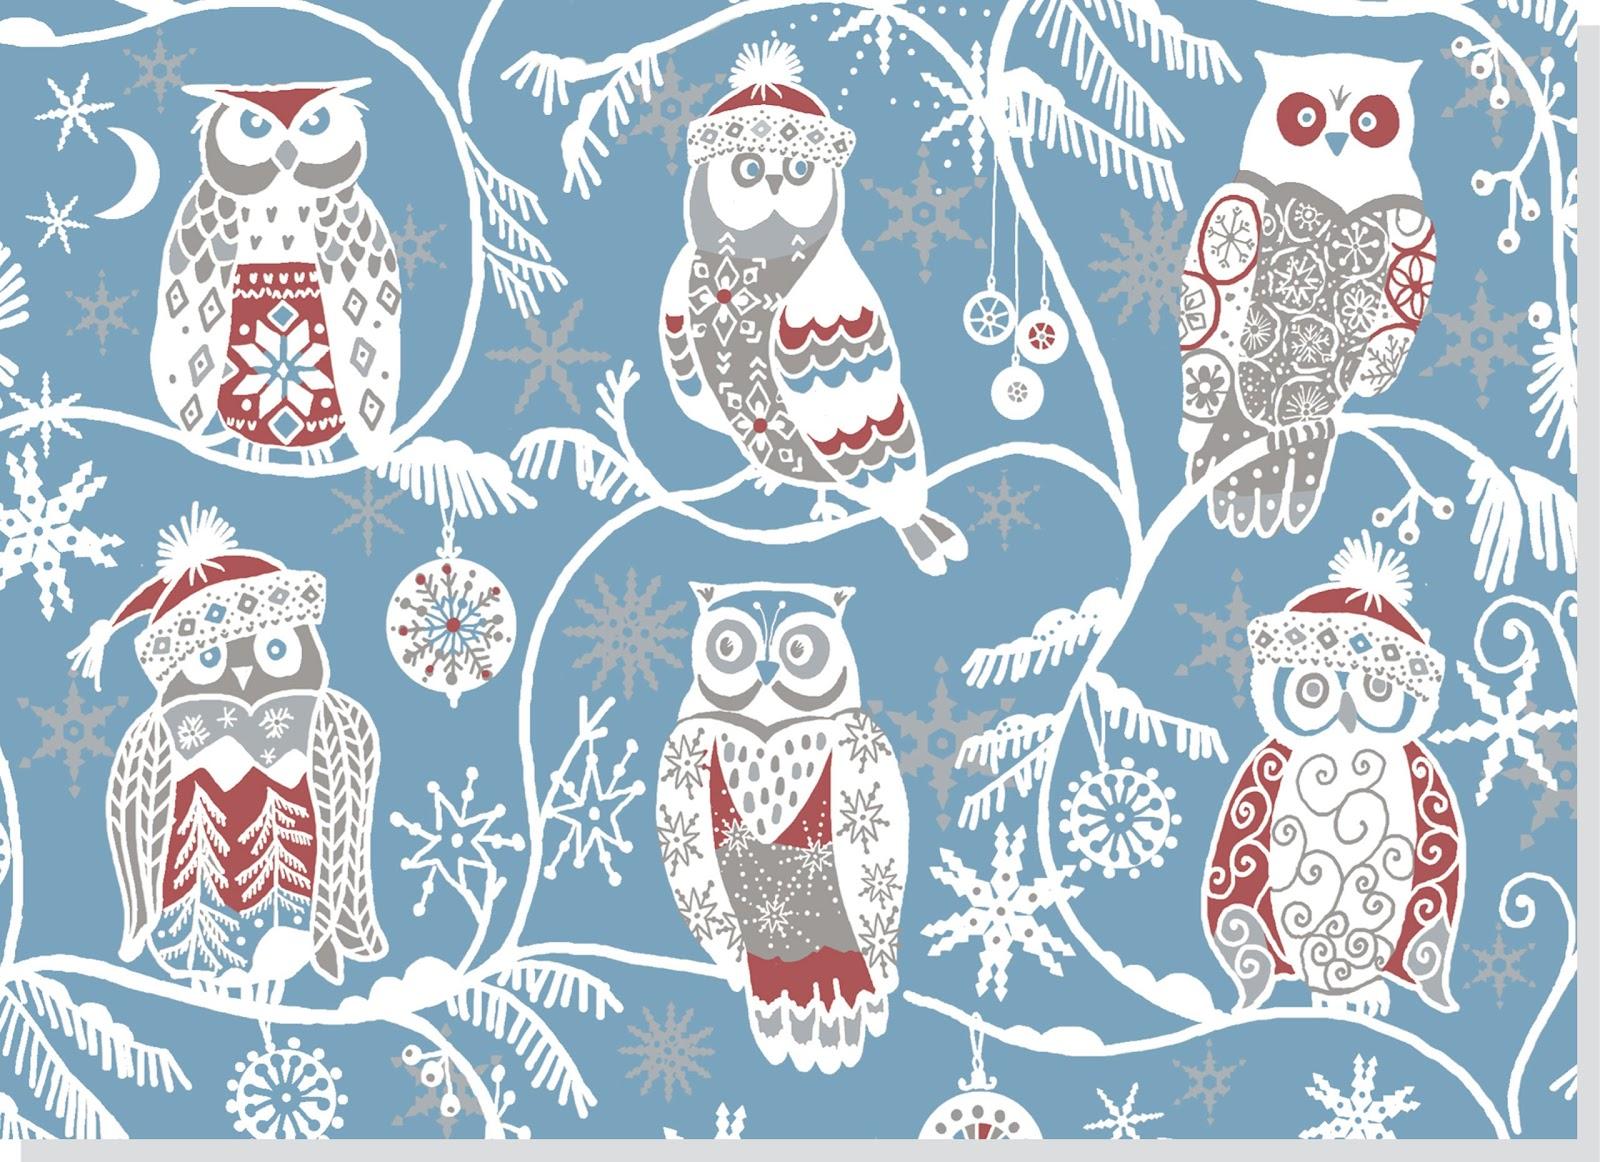 貓頭鷹聖誕卡